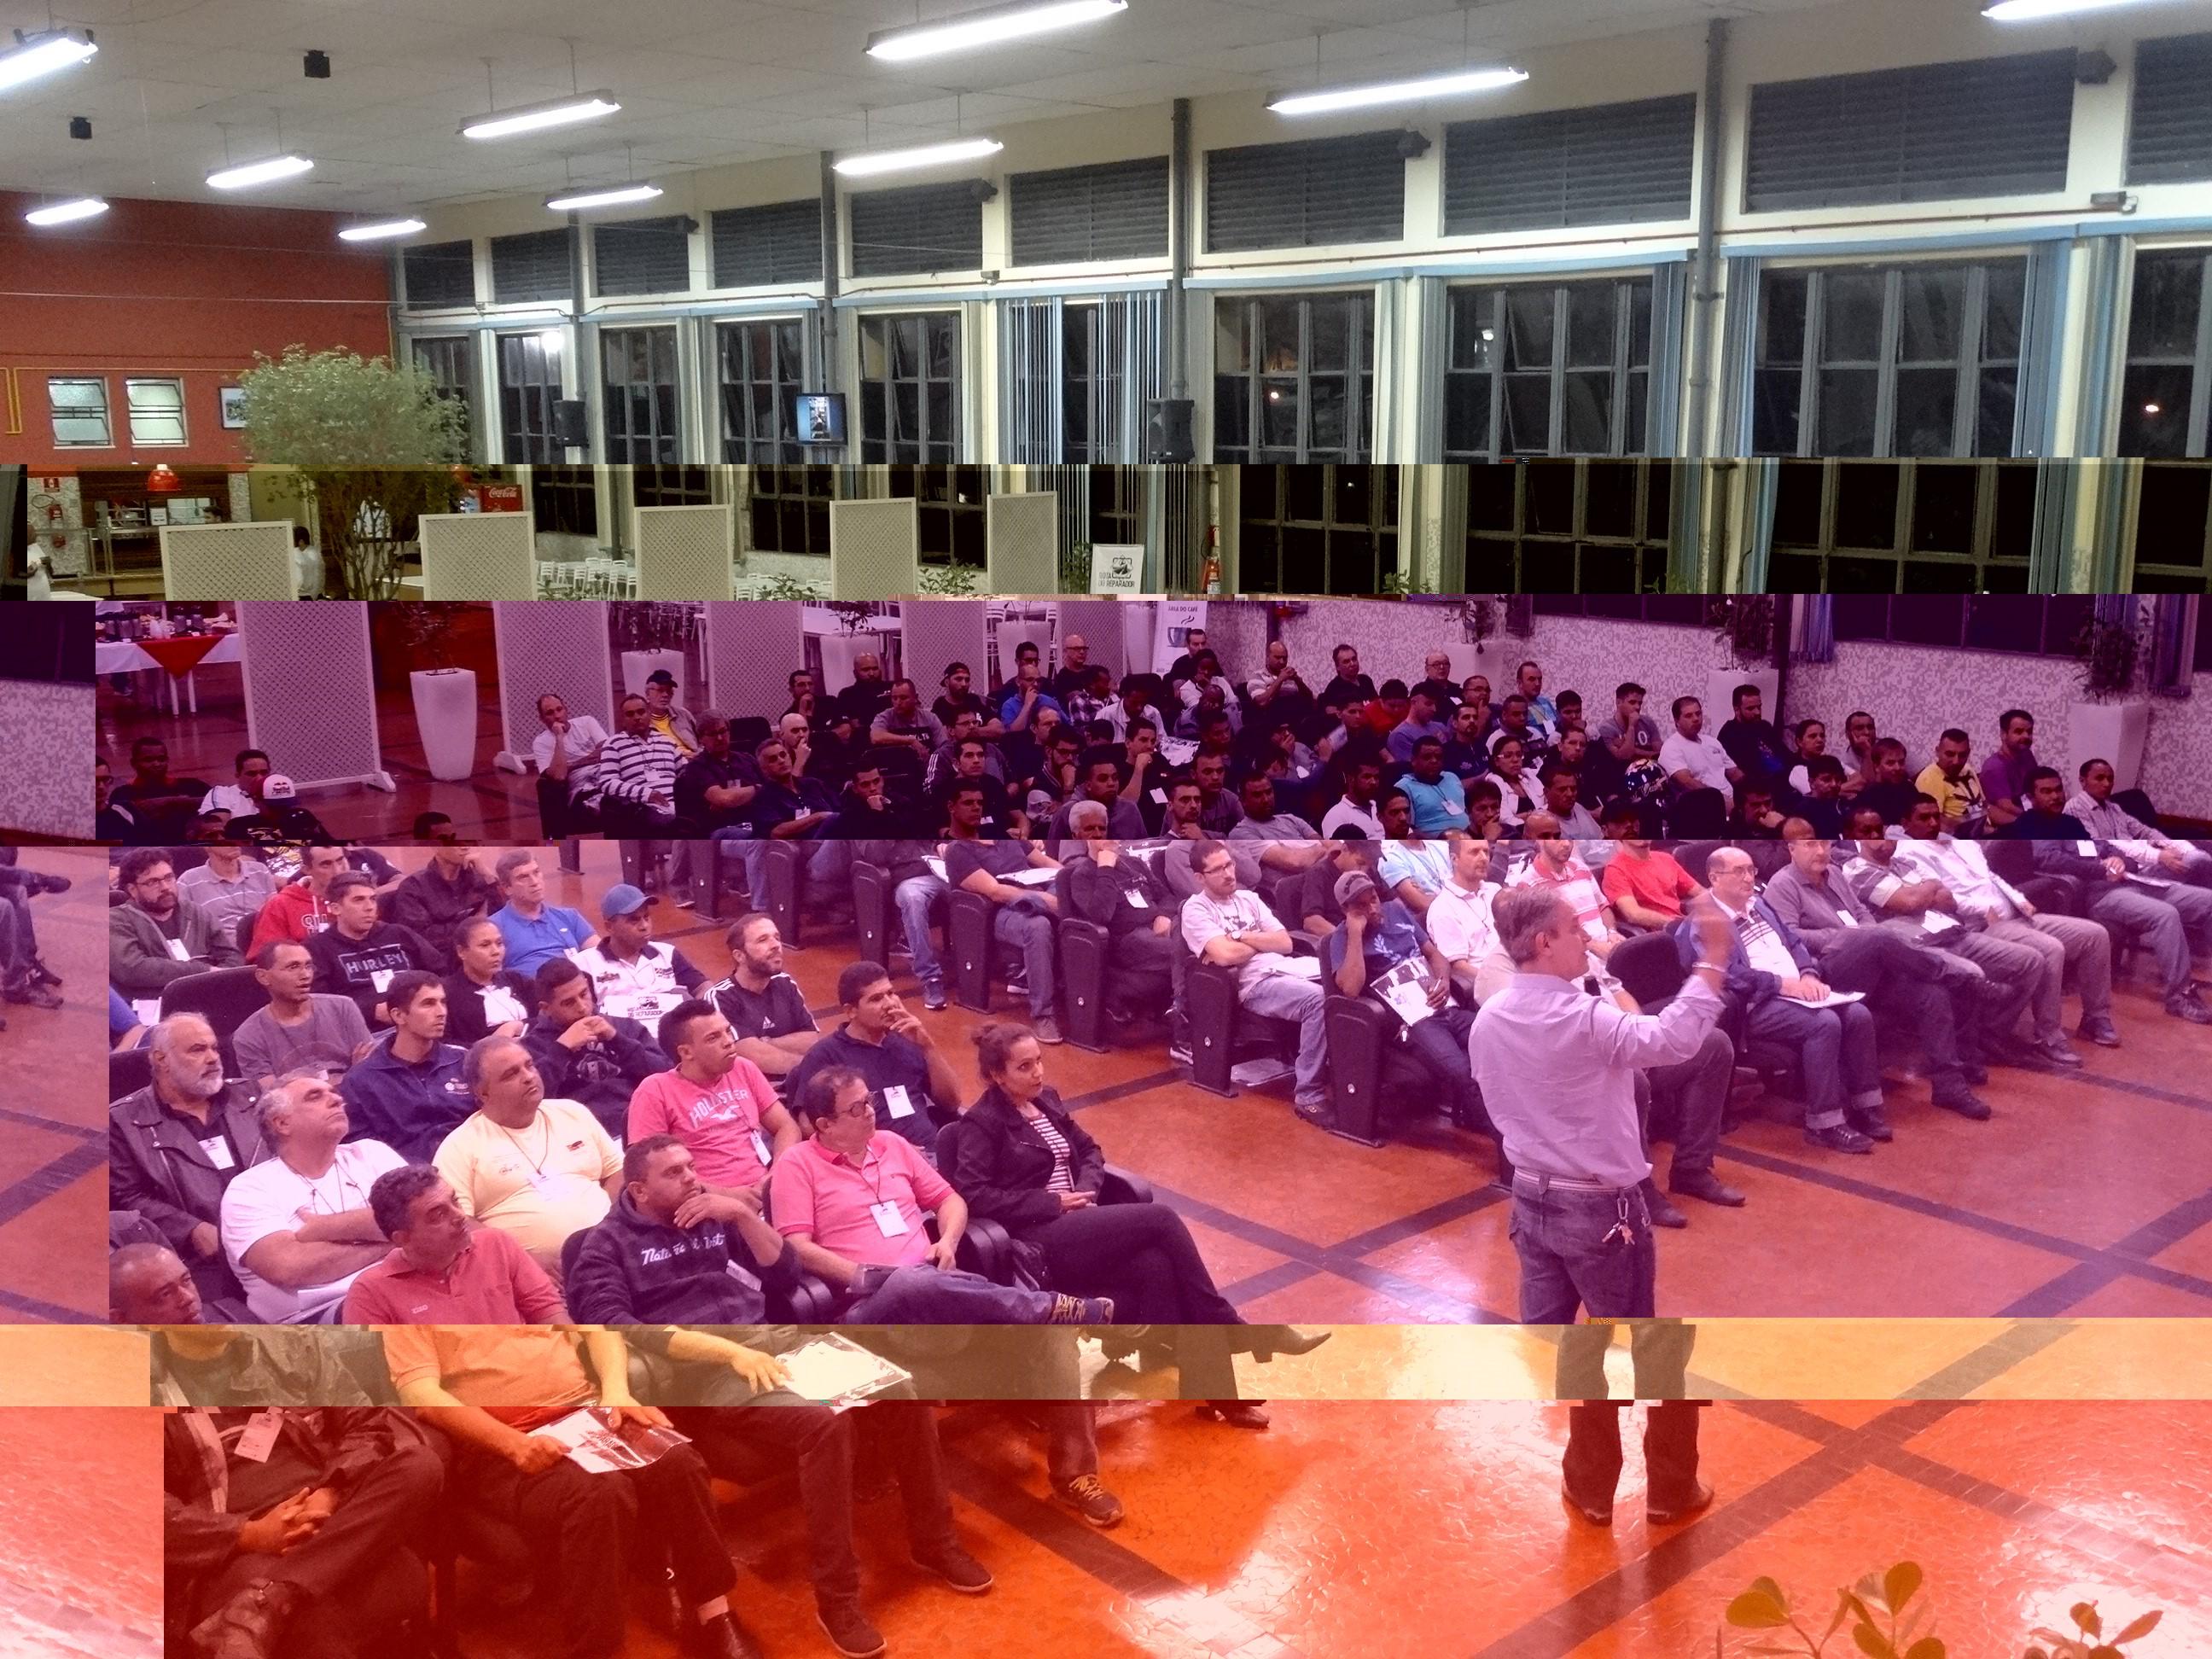 Nakata realiza palestra gratuita sobre sistema de suspensão em Boa Vista-RR no dia 10 de abril